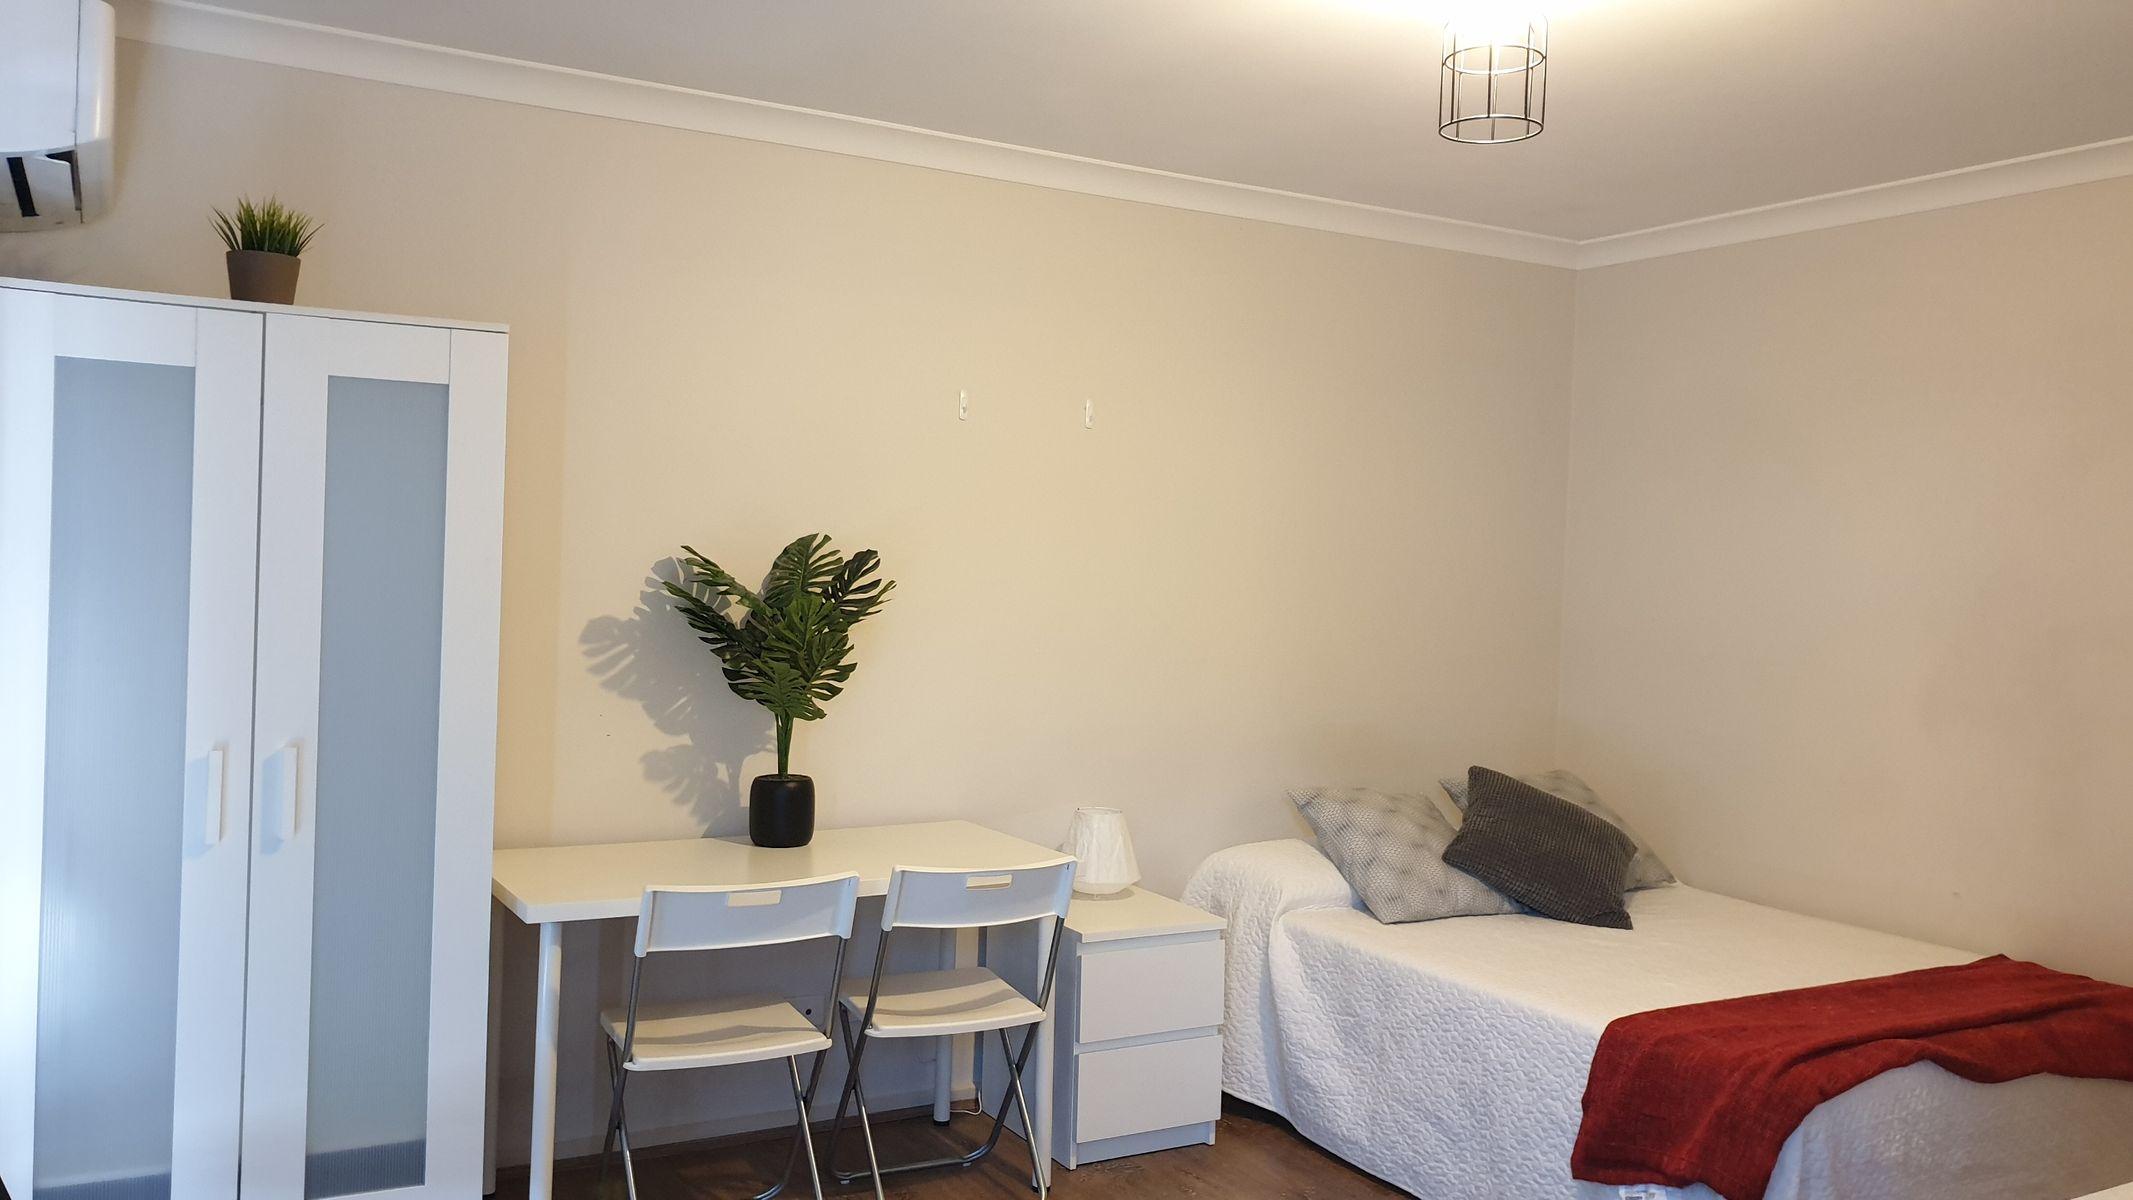 Room 3/297 Wantirna Road, Wantirna, VIC 3152